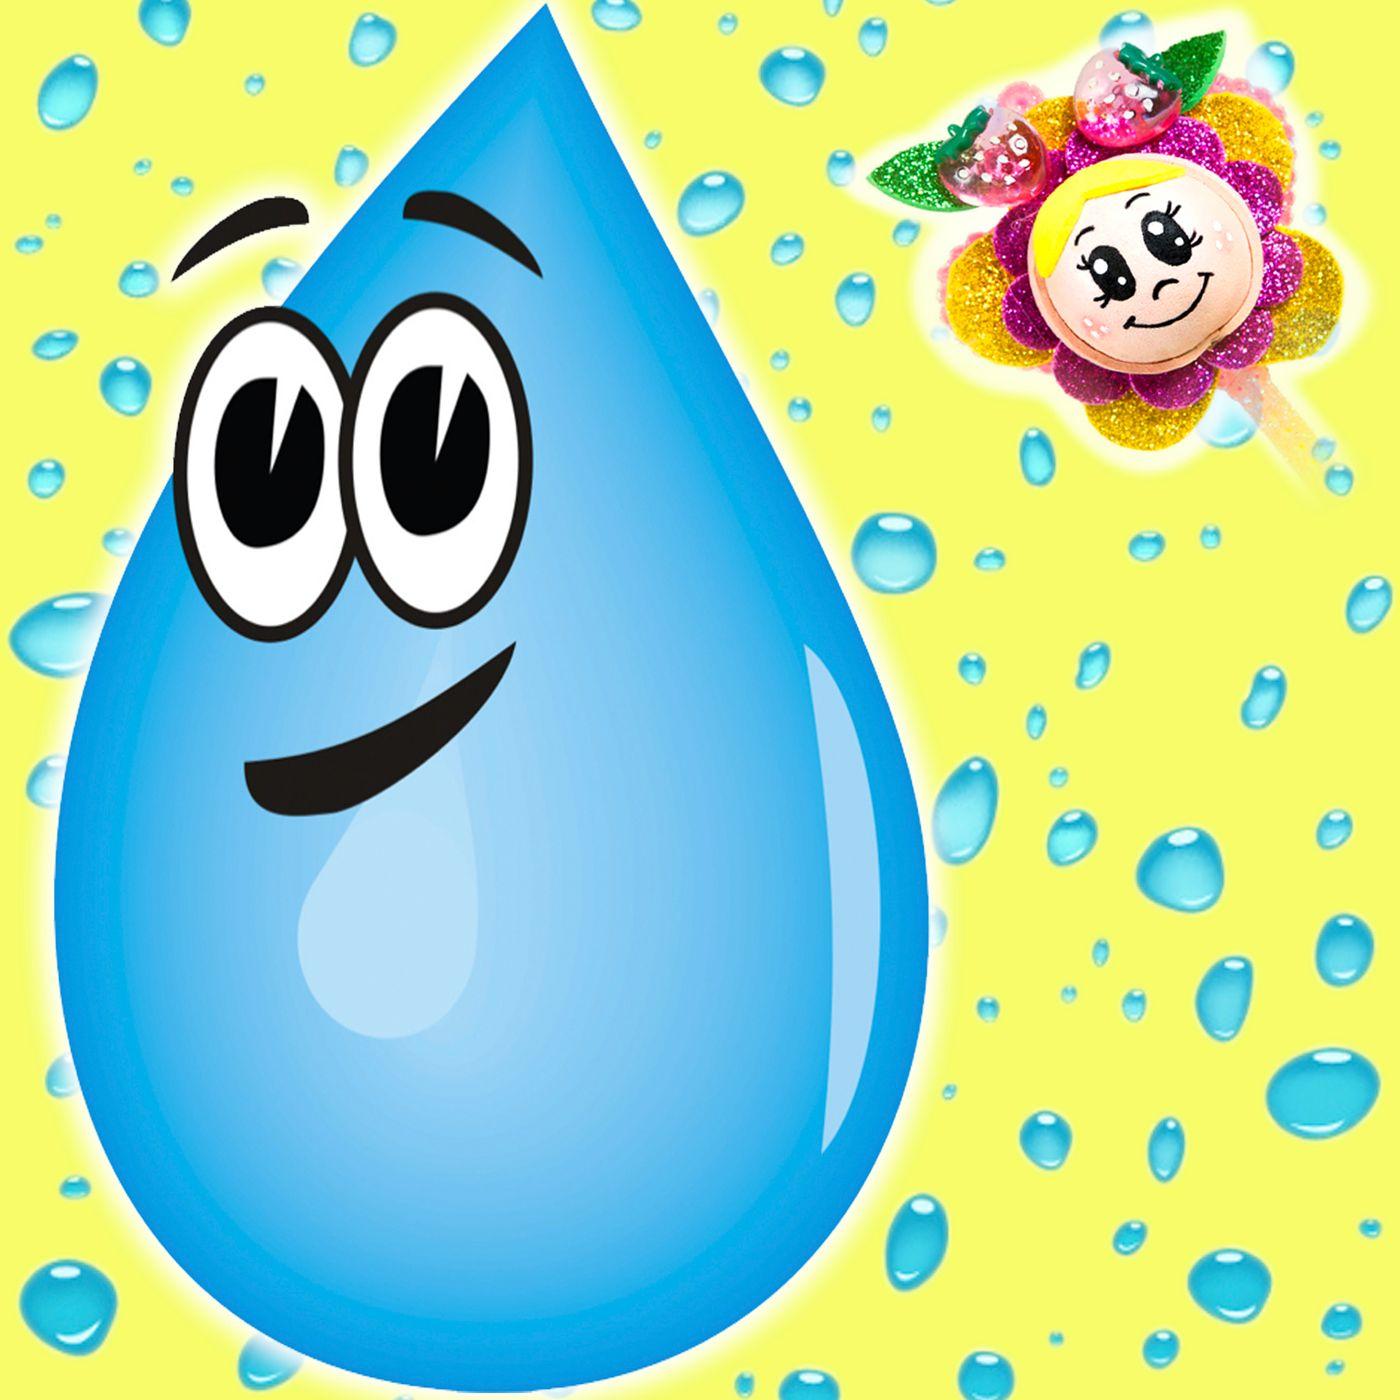 24. Clara, la gota de agua. Cuento infantil del Hada de Fresa. Aventuras de una gotita de agua